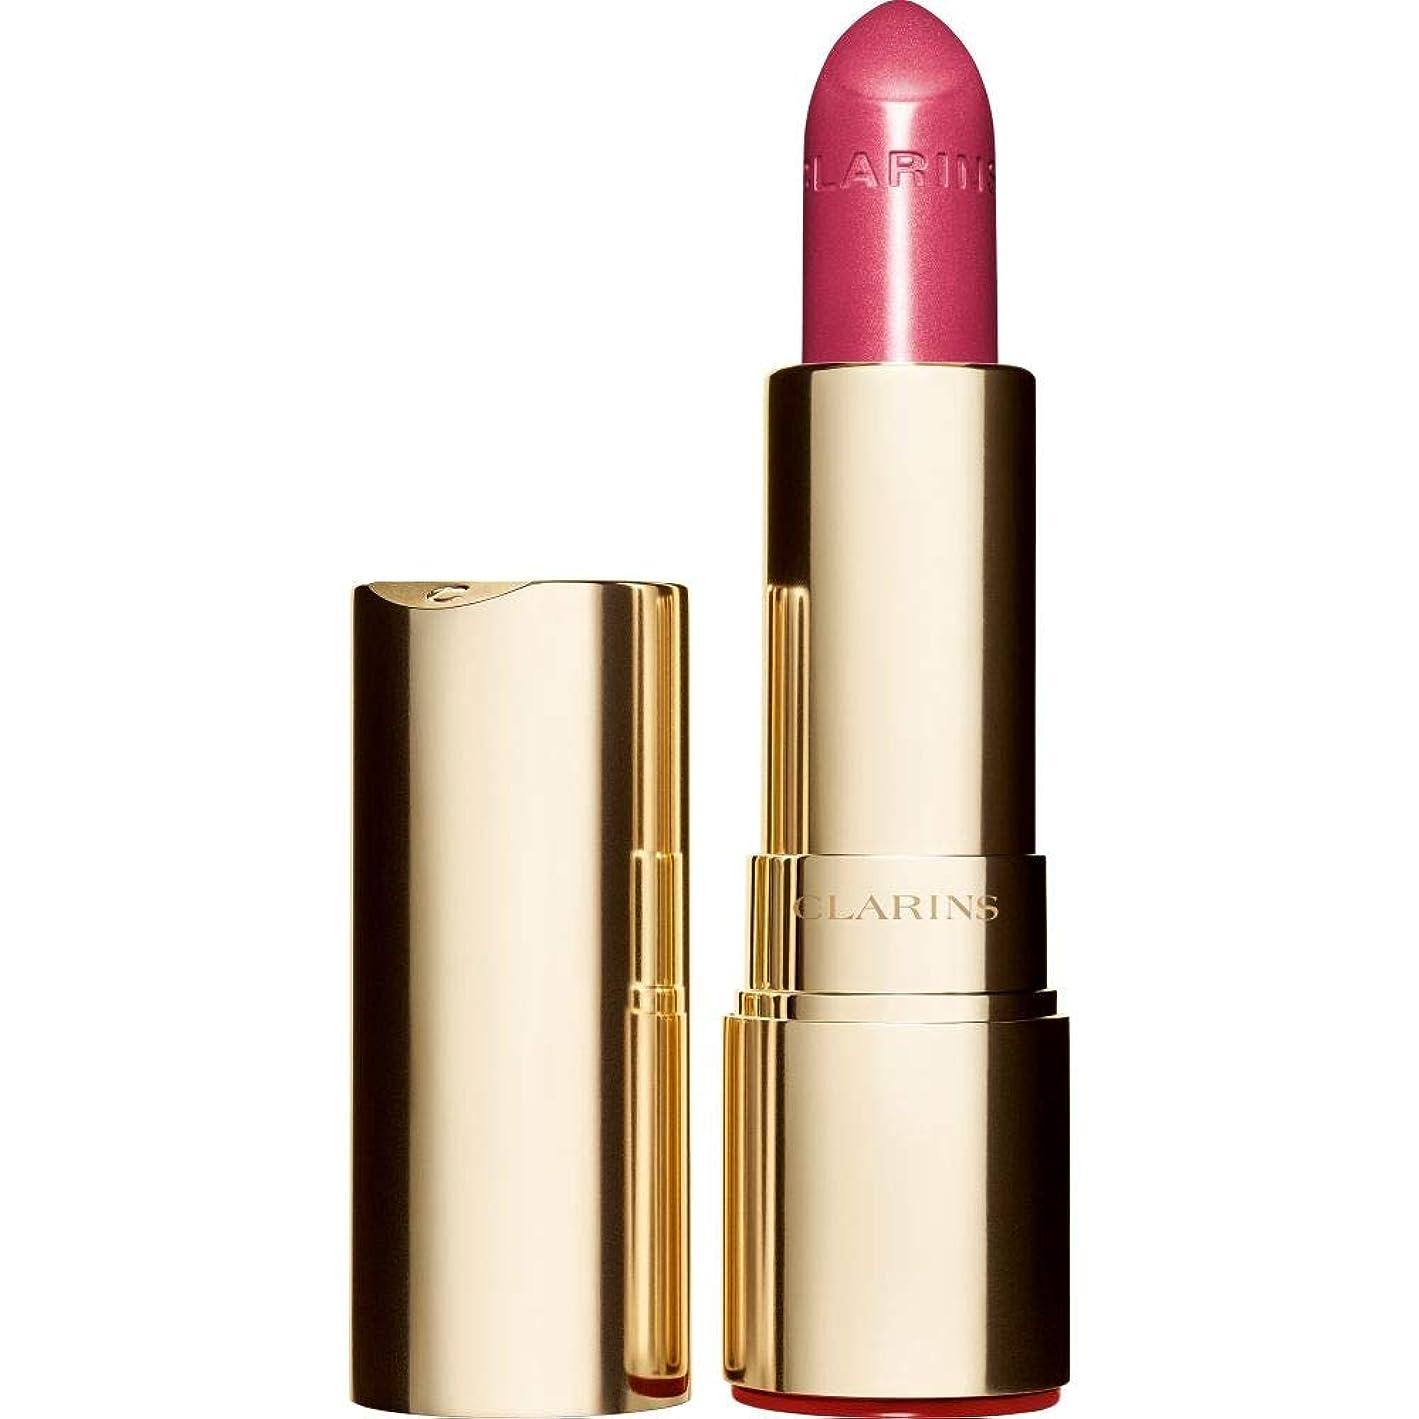 選択するありがたい従事した[Clarins ] クラランスジョリルージュブリリアント口紅3.5グラムの723S - ラズベリー - Clarins Joli Rouge Brillant Lipstick 3.5g 723S - Raspberry [並行輸入品]